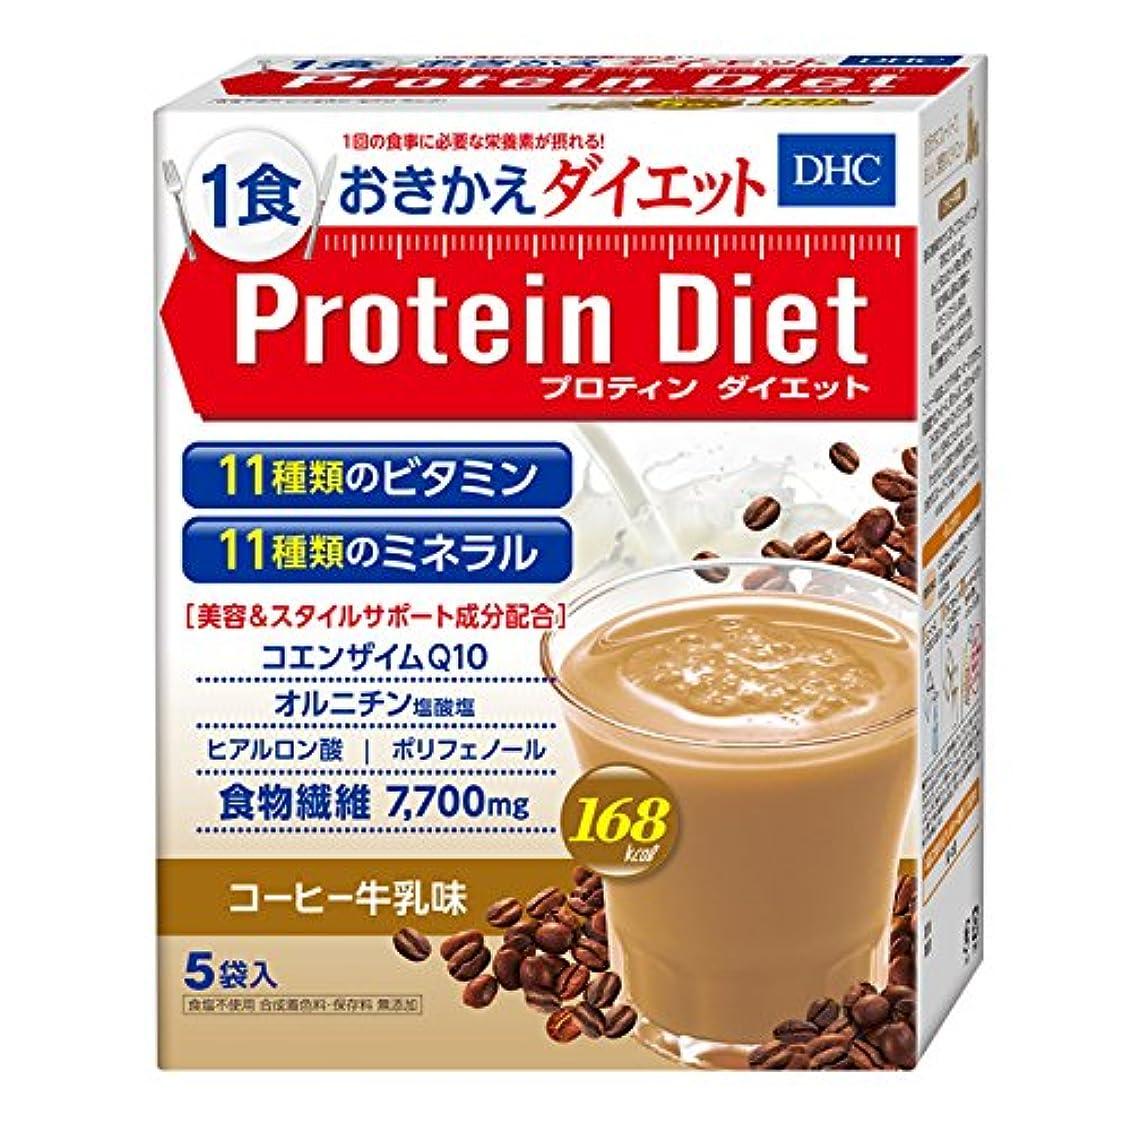 テメリティレルムすごいDHCプロティンダイエット(コーヒー牛乳味)